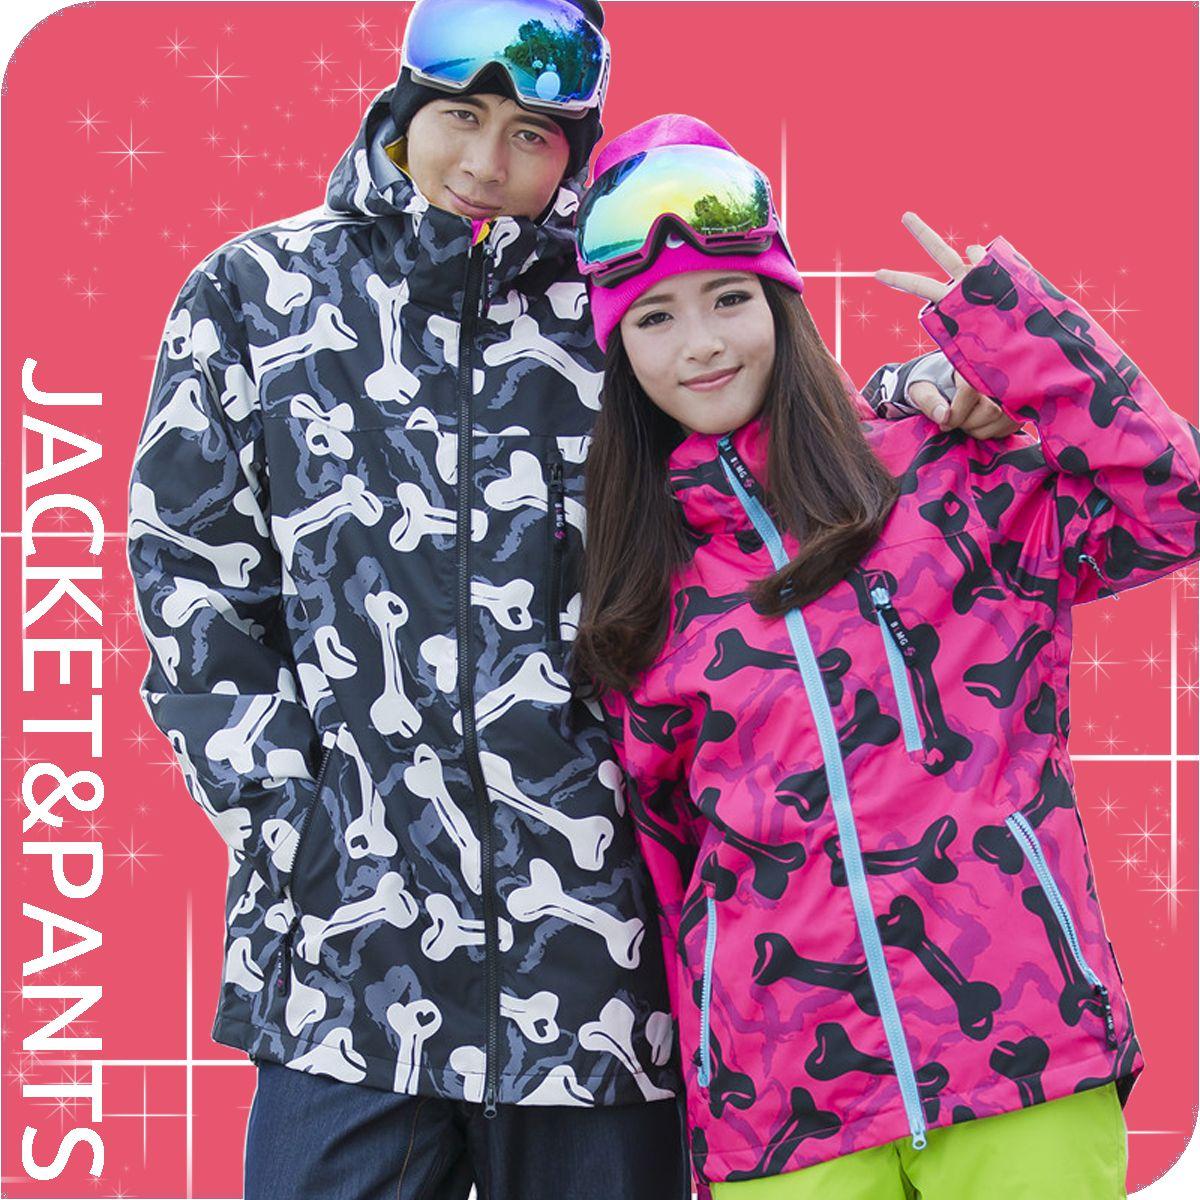 【5周年感謝SALE】スノボウェア スキーウエア 上下セット レディース メンズ ユニセックス スノーボード ウェア- スキーウエア スノーウェア 【土日祝無休】